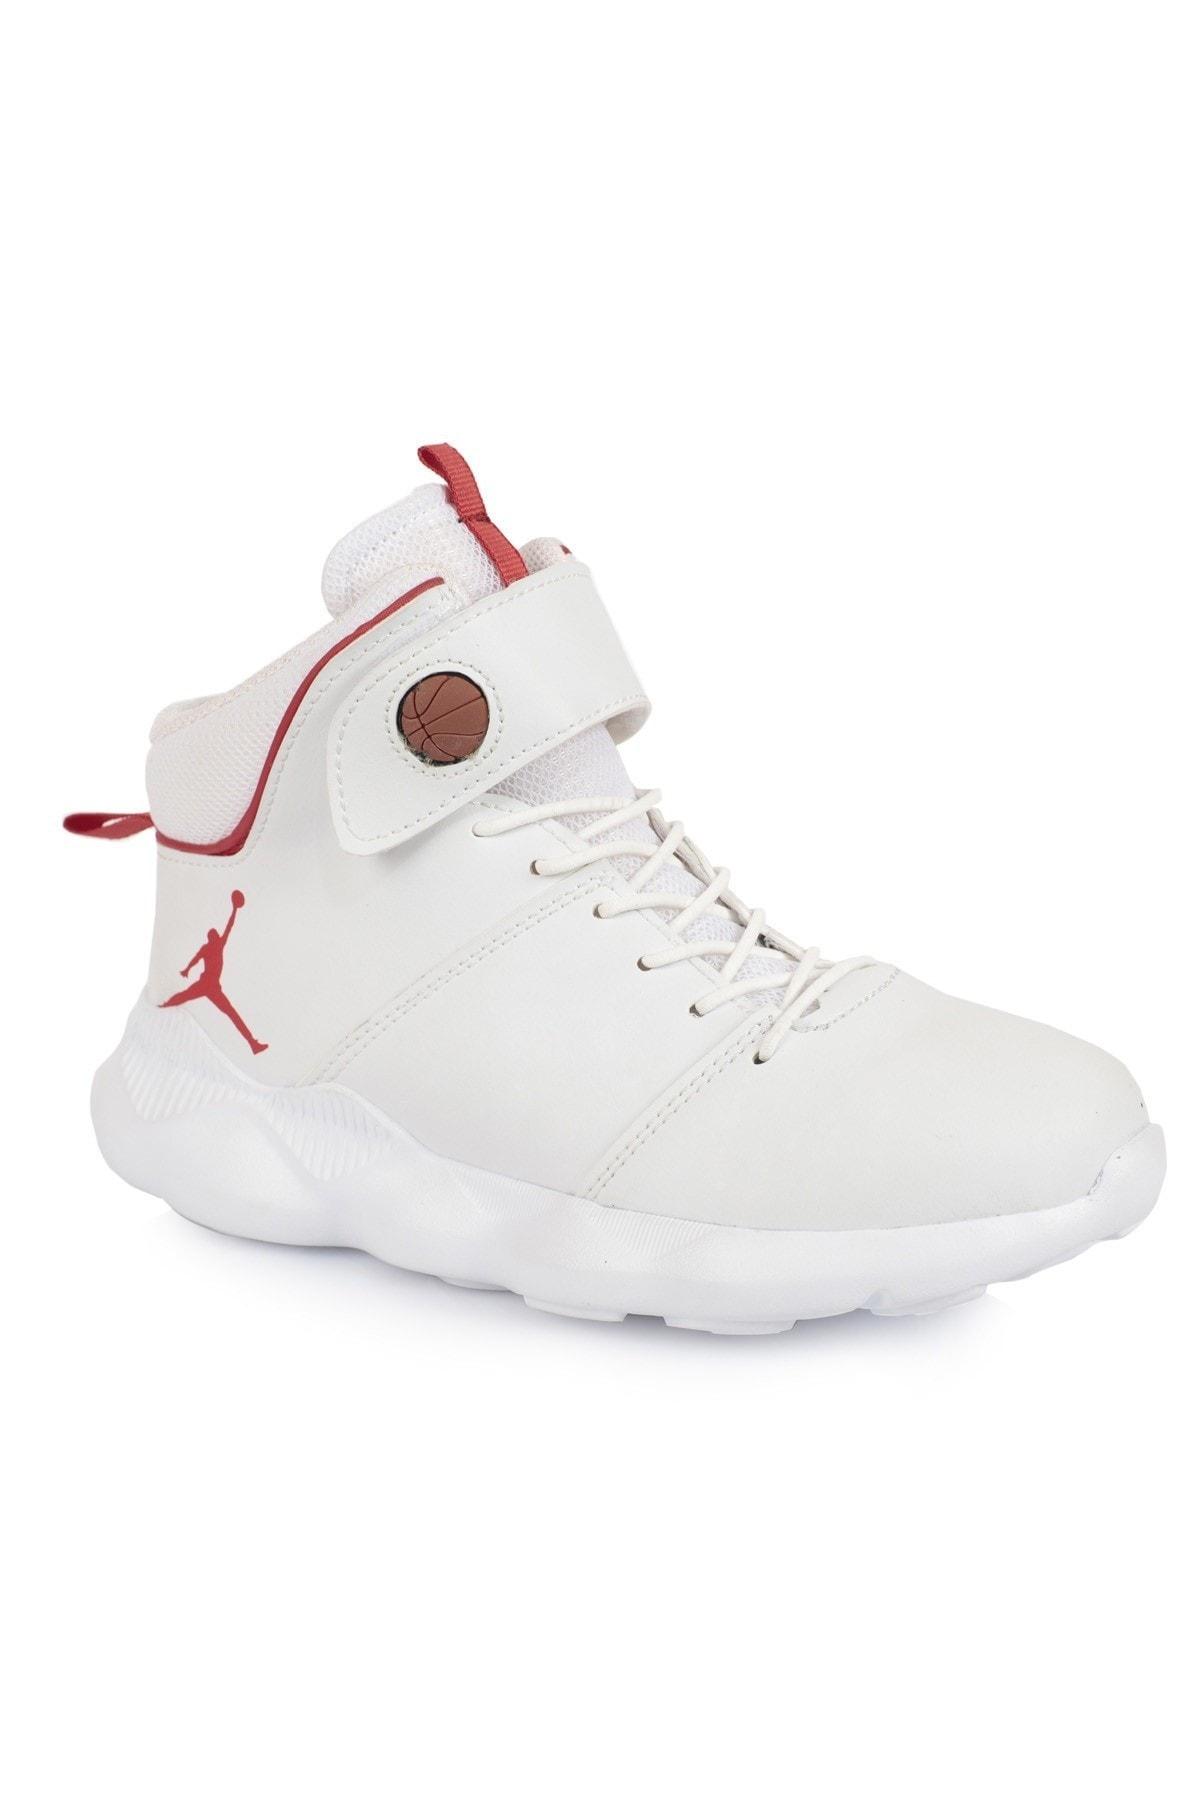 Daxtors Beyaz Unisex Basketbol Ayakkabısı DXTRSBSSKTT005